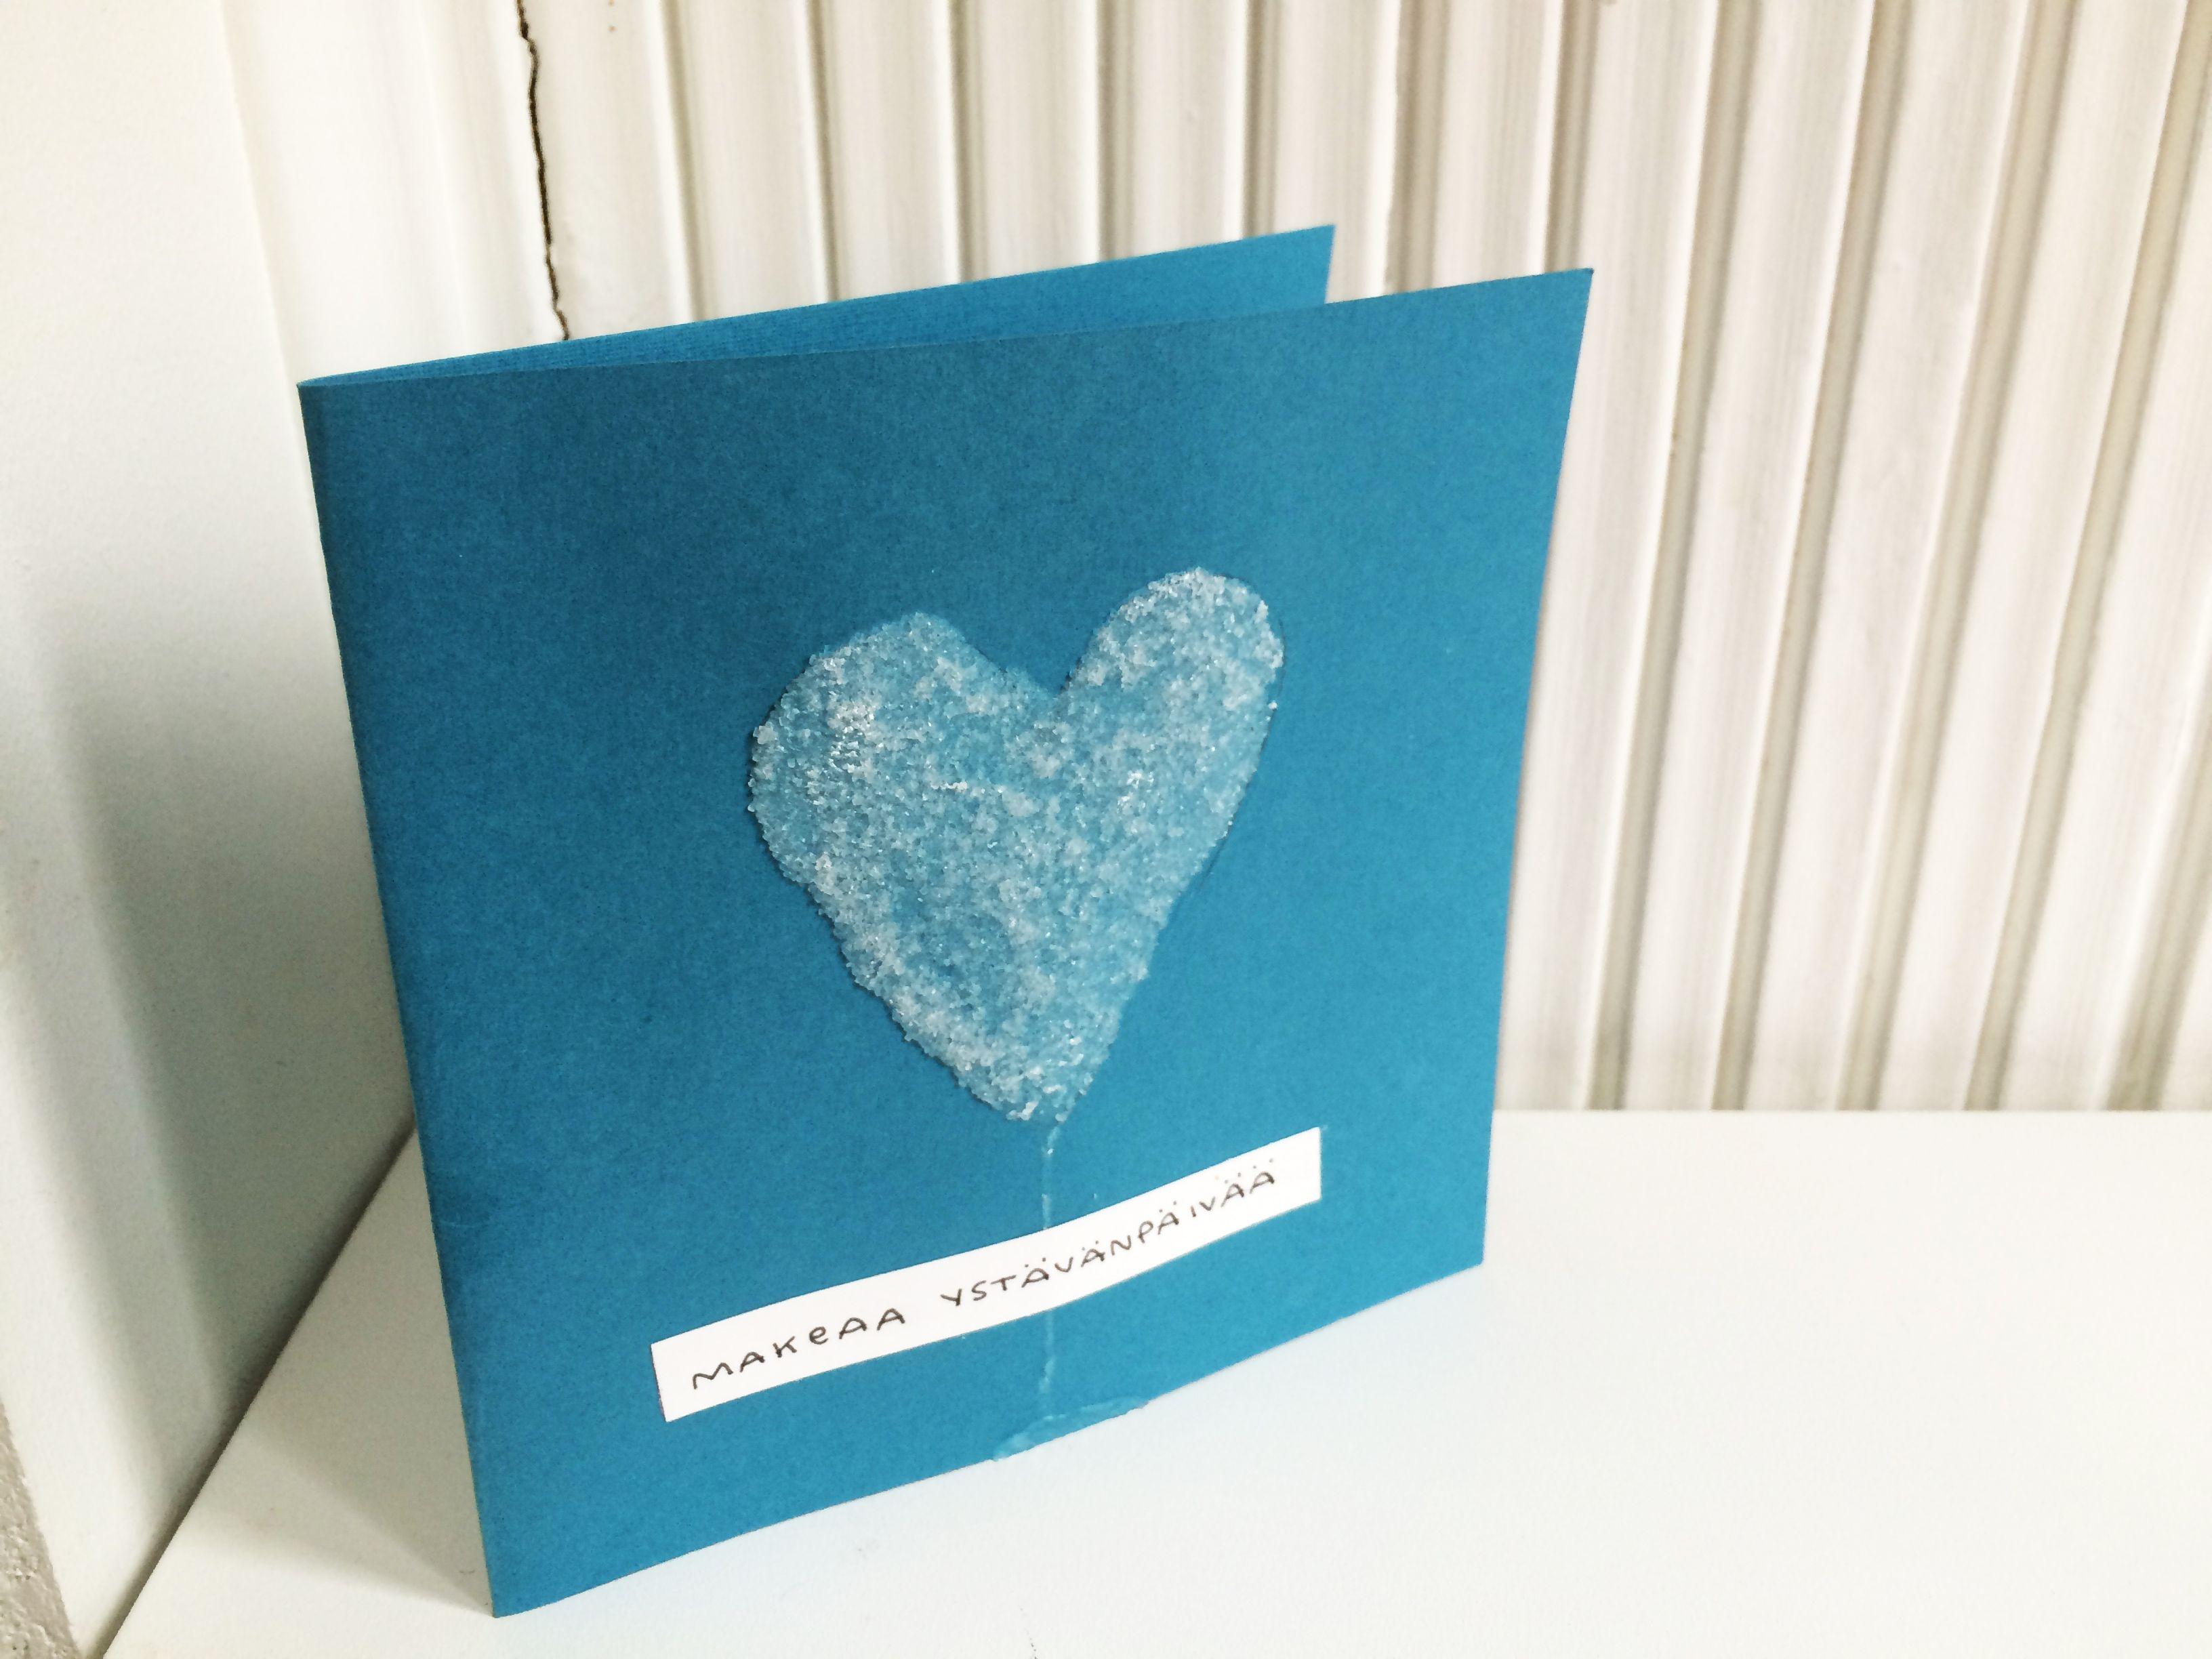 ystävänpäiväkortti | sydän lapset | lasten | askartelu | käsityö | kädentaidot | koti | yhdessä tekeminen | koko | perhe | miten | tehdään | Valentine's Day card | heart  | DIY ideas | kid crafts | home | family | cards | tv show | how to make | Pikku Kakkonen | http://yle.fi/lapset